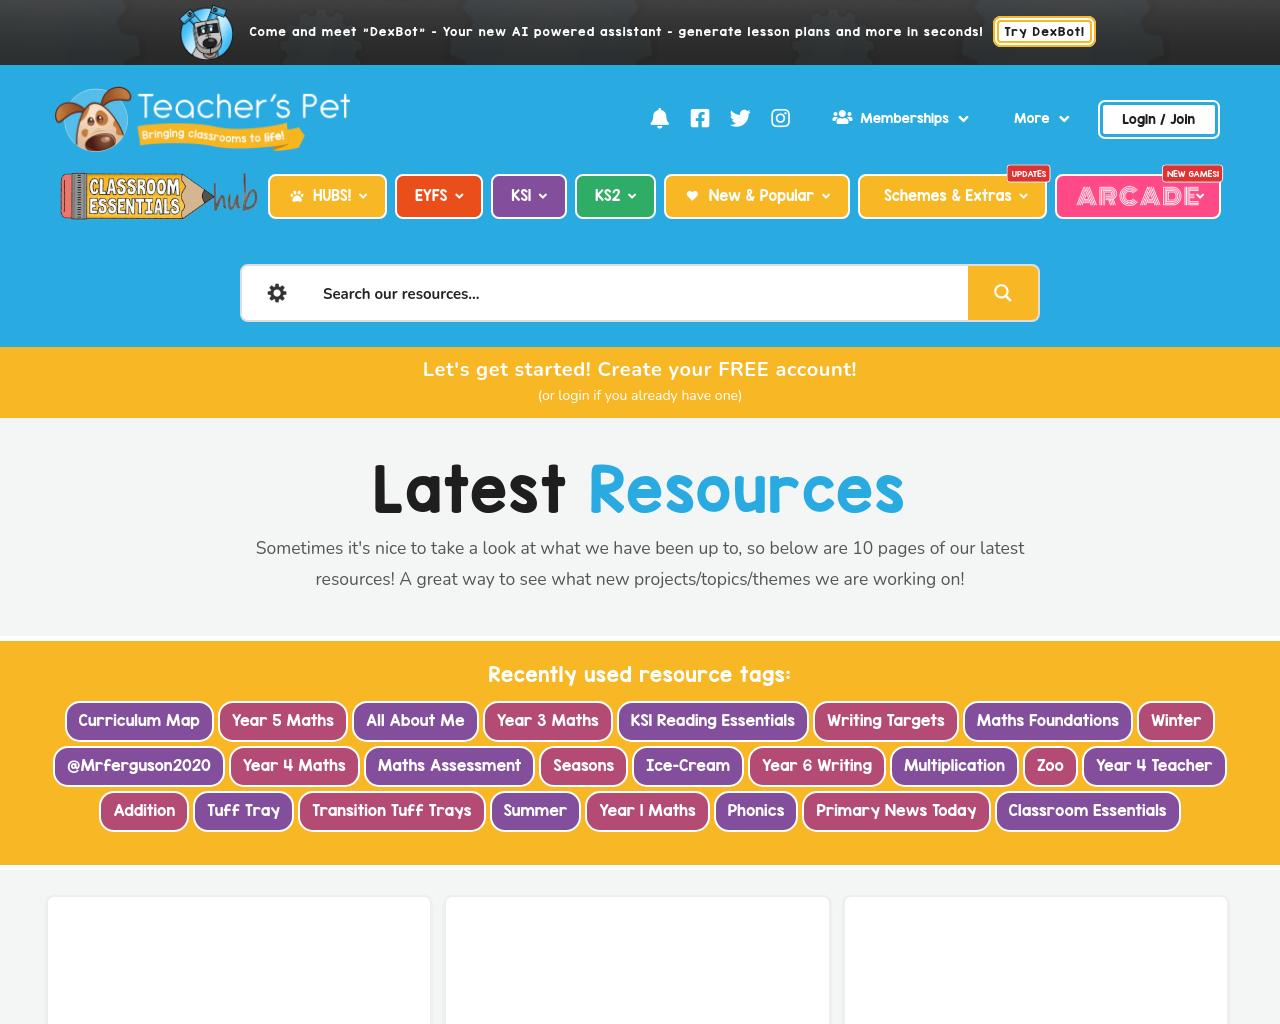 Teacher's Pet website